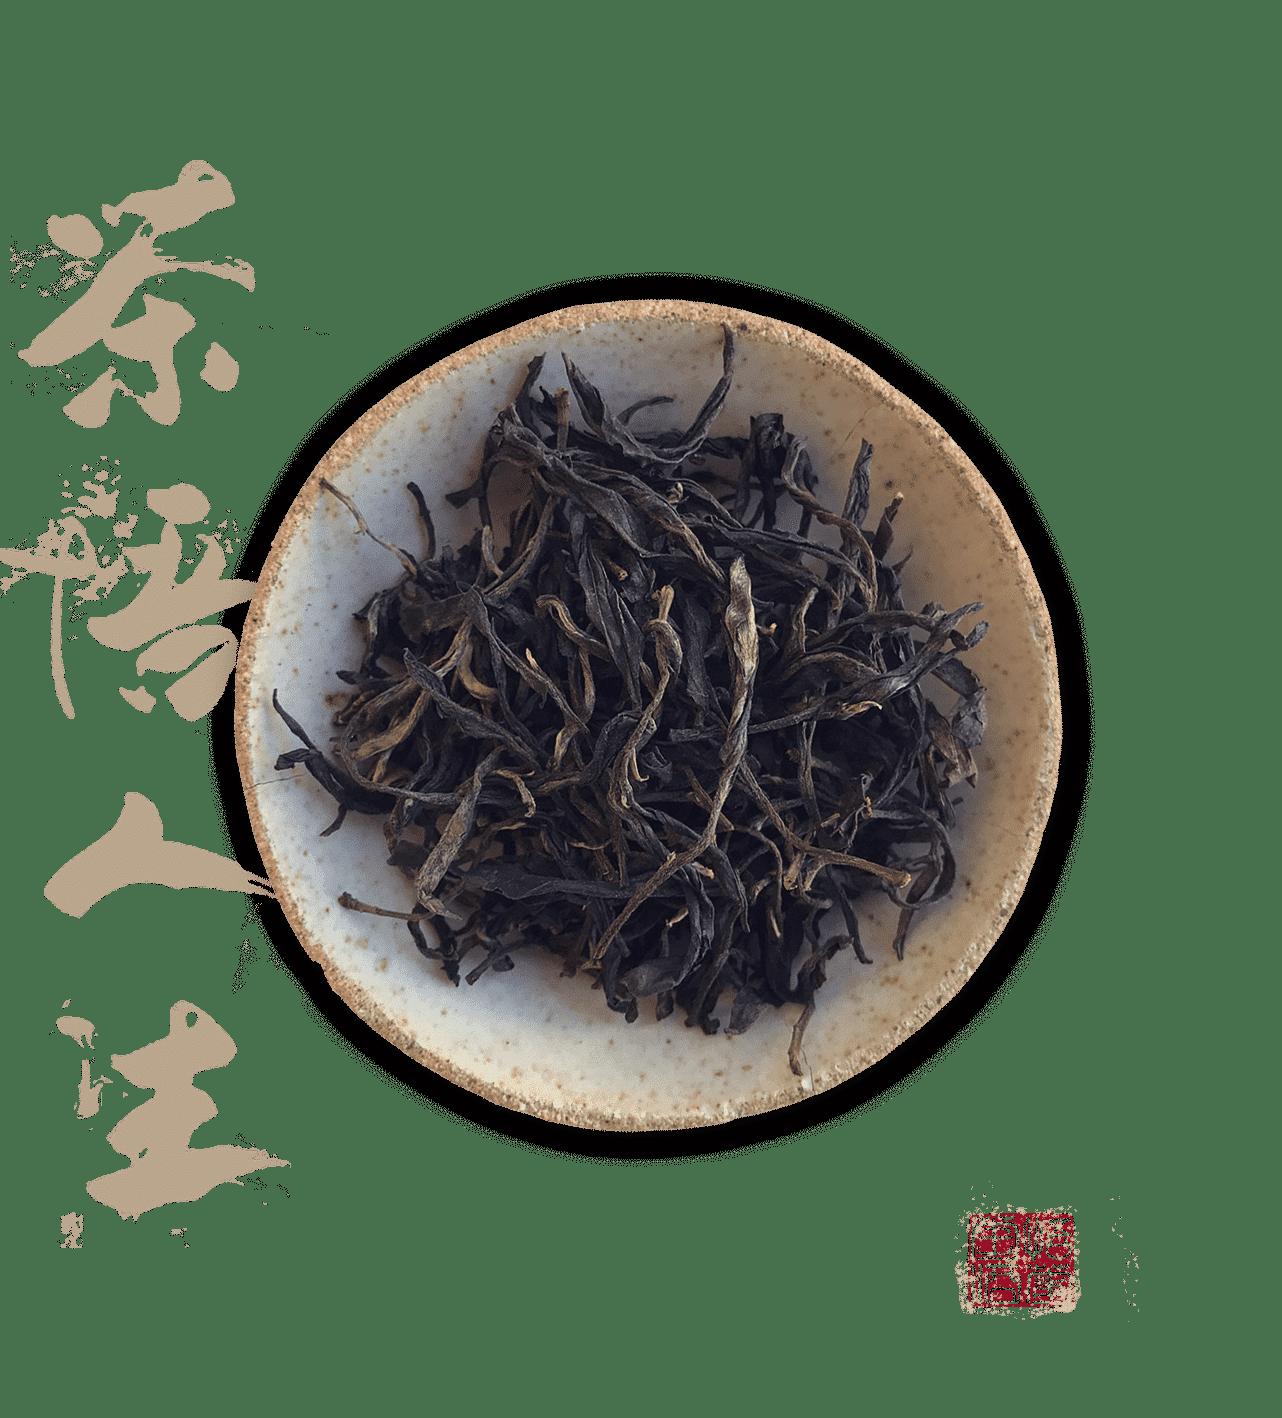 Wang bing zi juan est un thé puerh violet du Yunnan à Yiwu